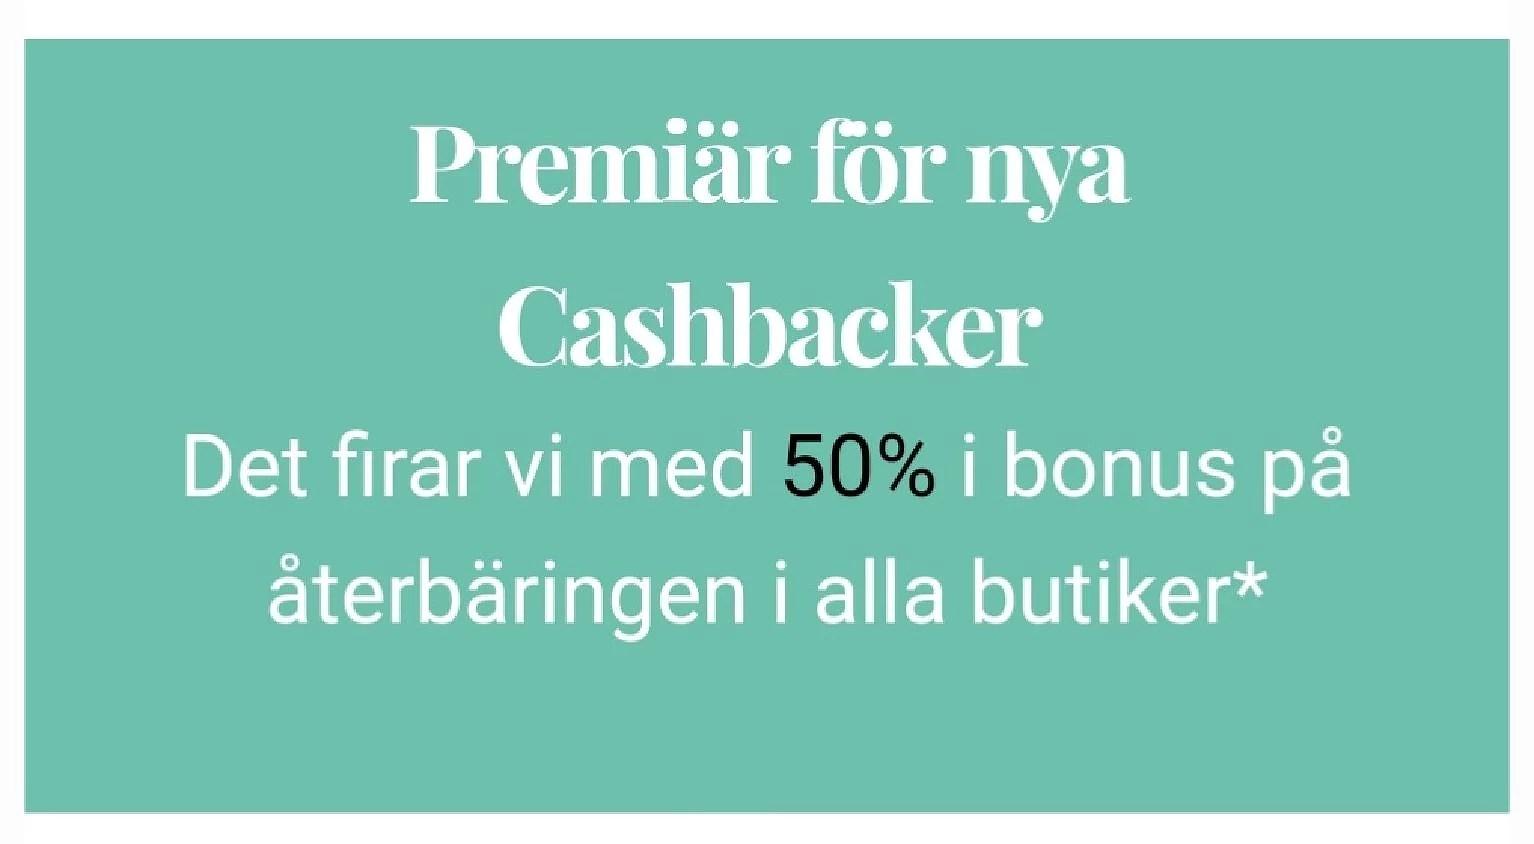 Cashbacker firar med 50 procent högre bonus i alla butiker